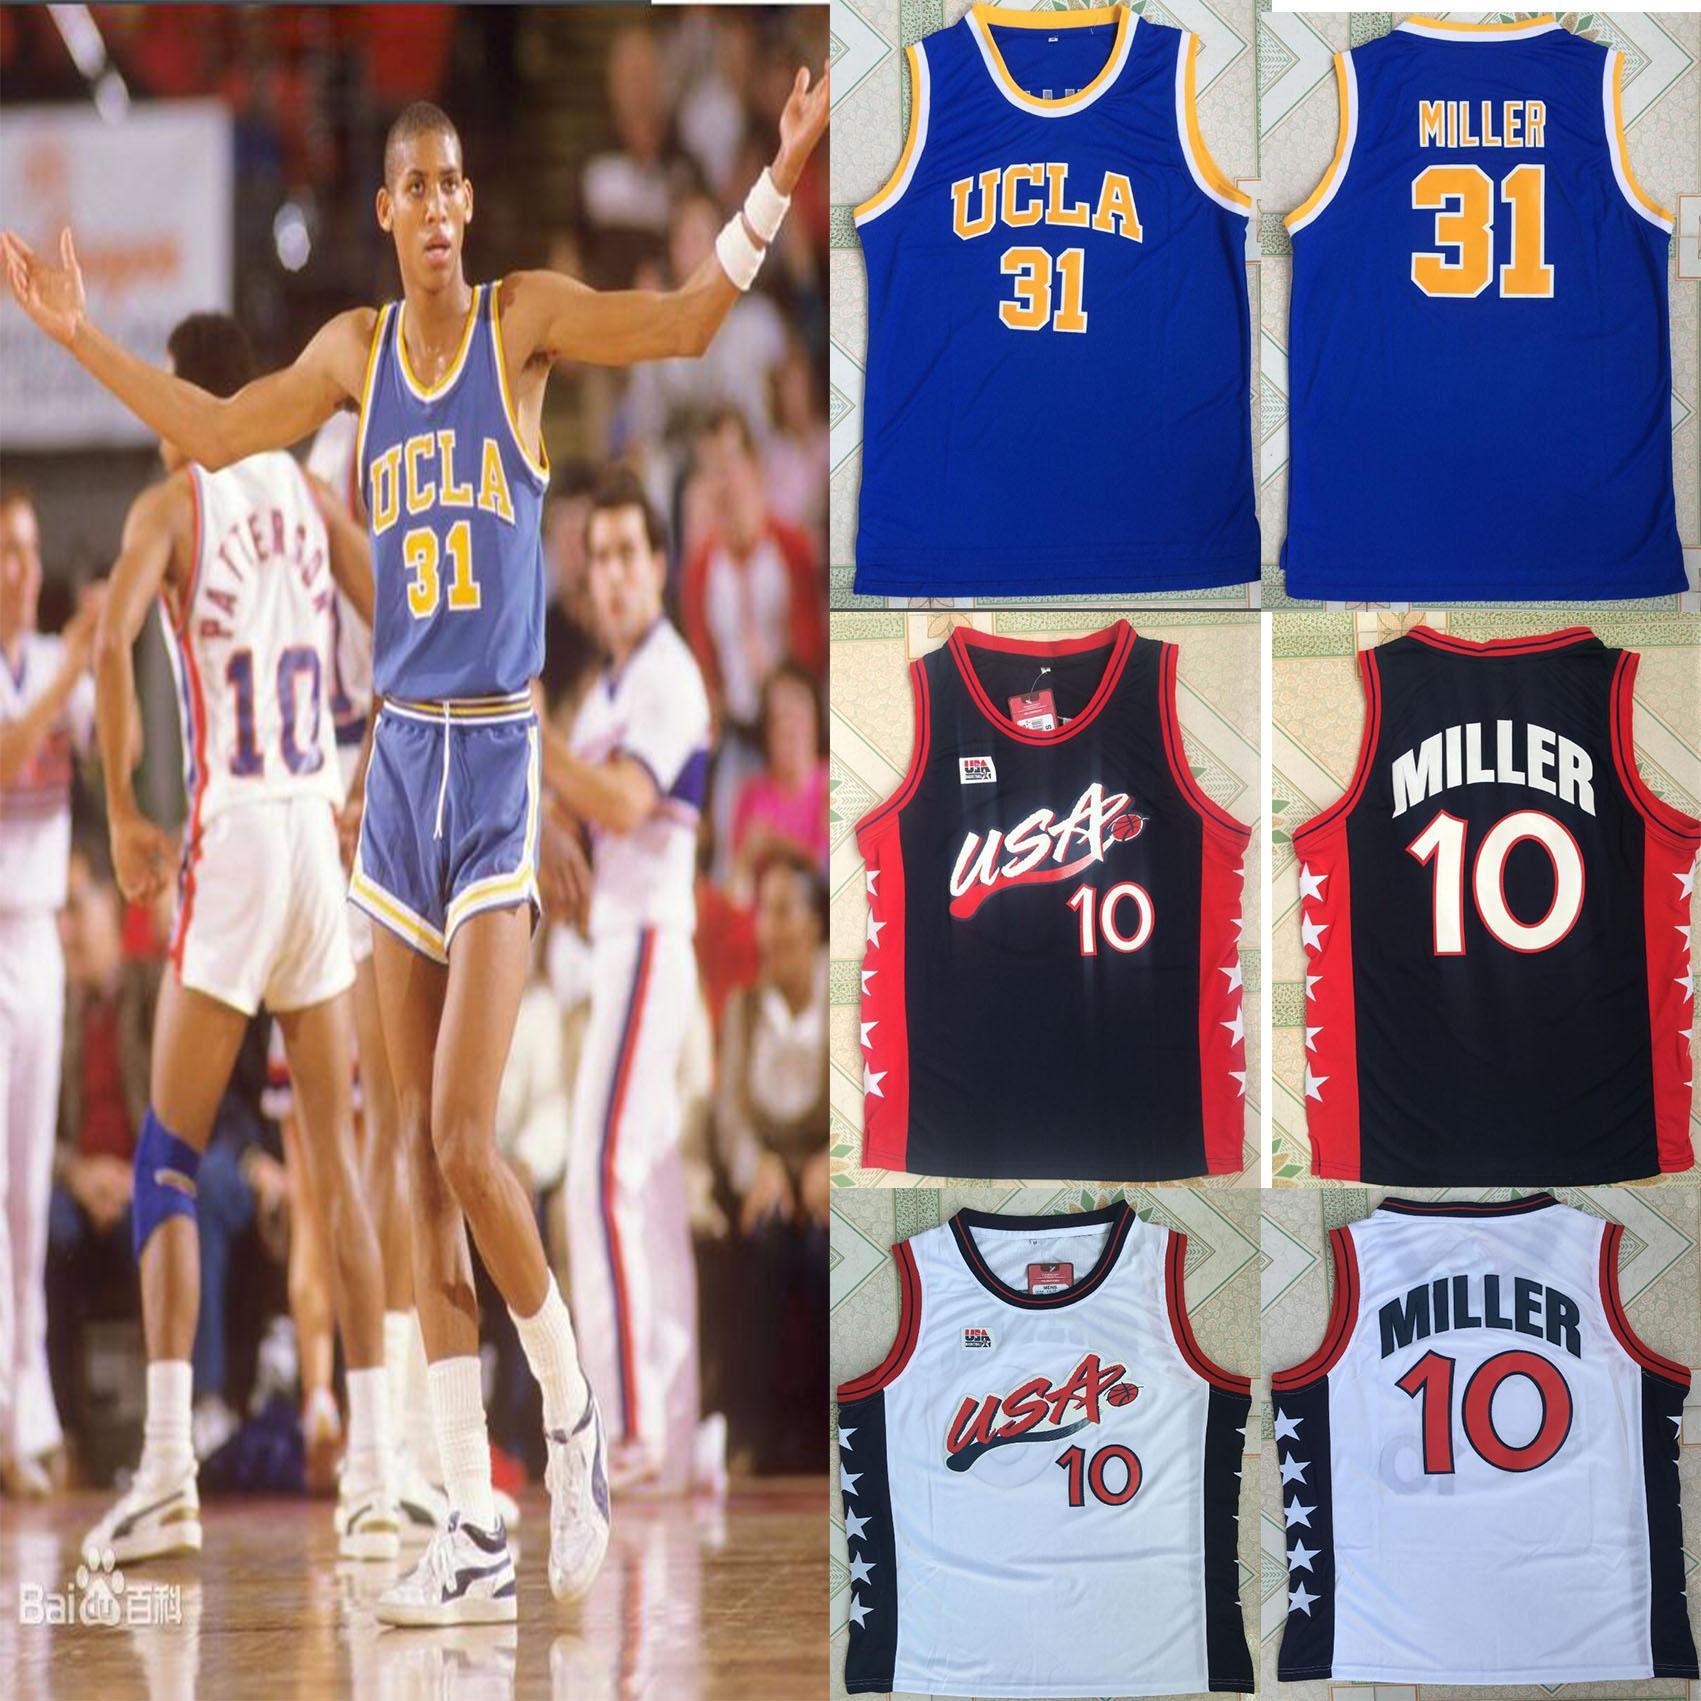 Top 1996 Baloncesto Dream Team Reggie Miller # 10 # 31 UCLA College de cosido blancas camisas jerseys envío de la gota del tamaño S-XXL